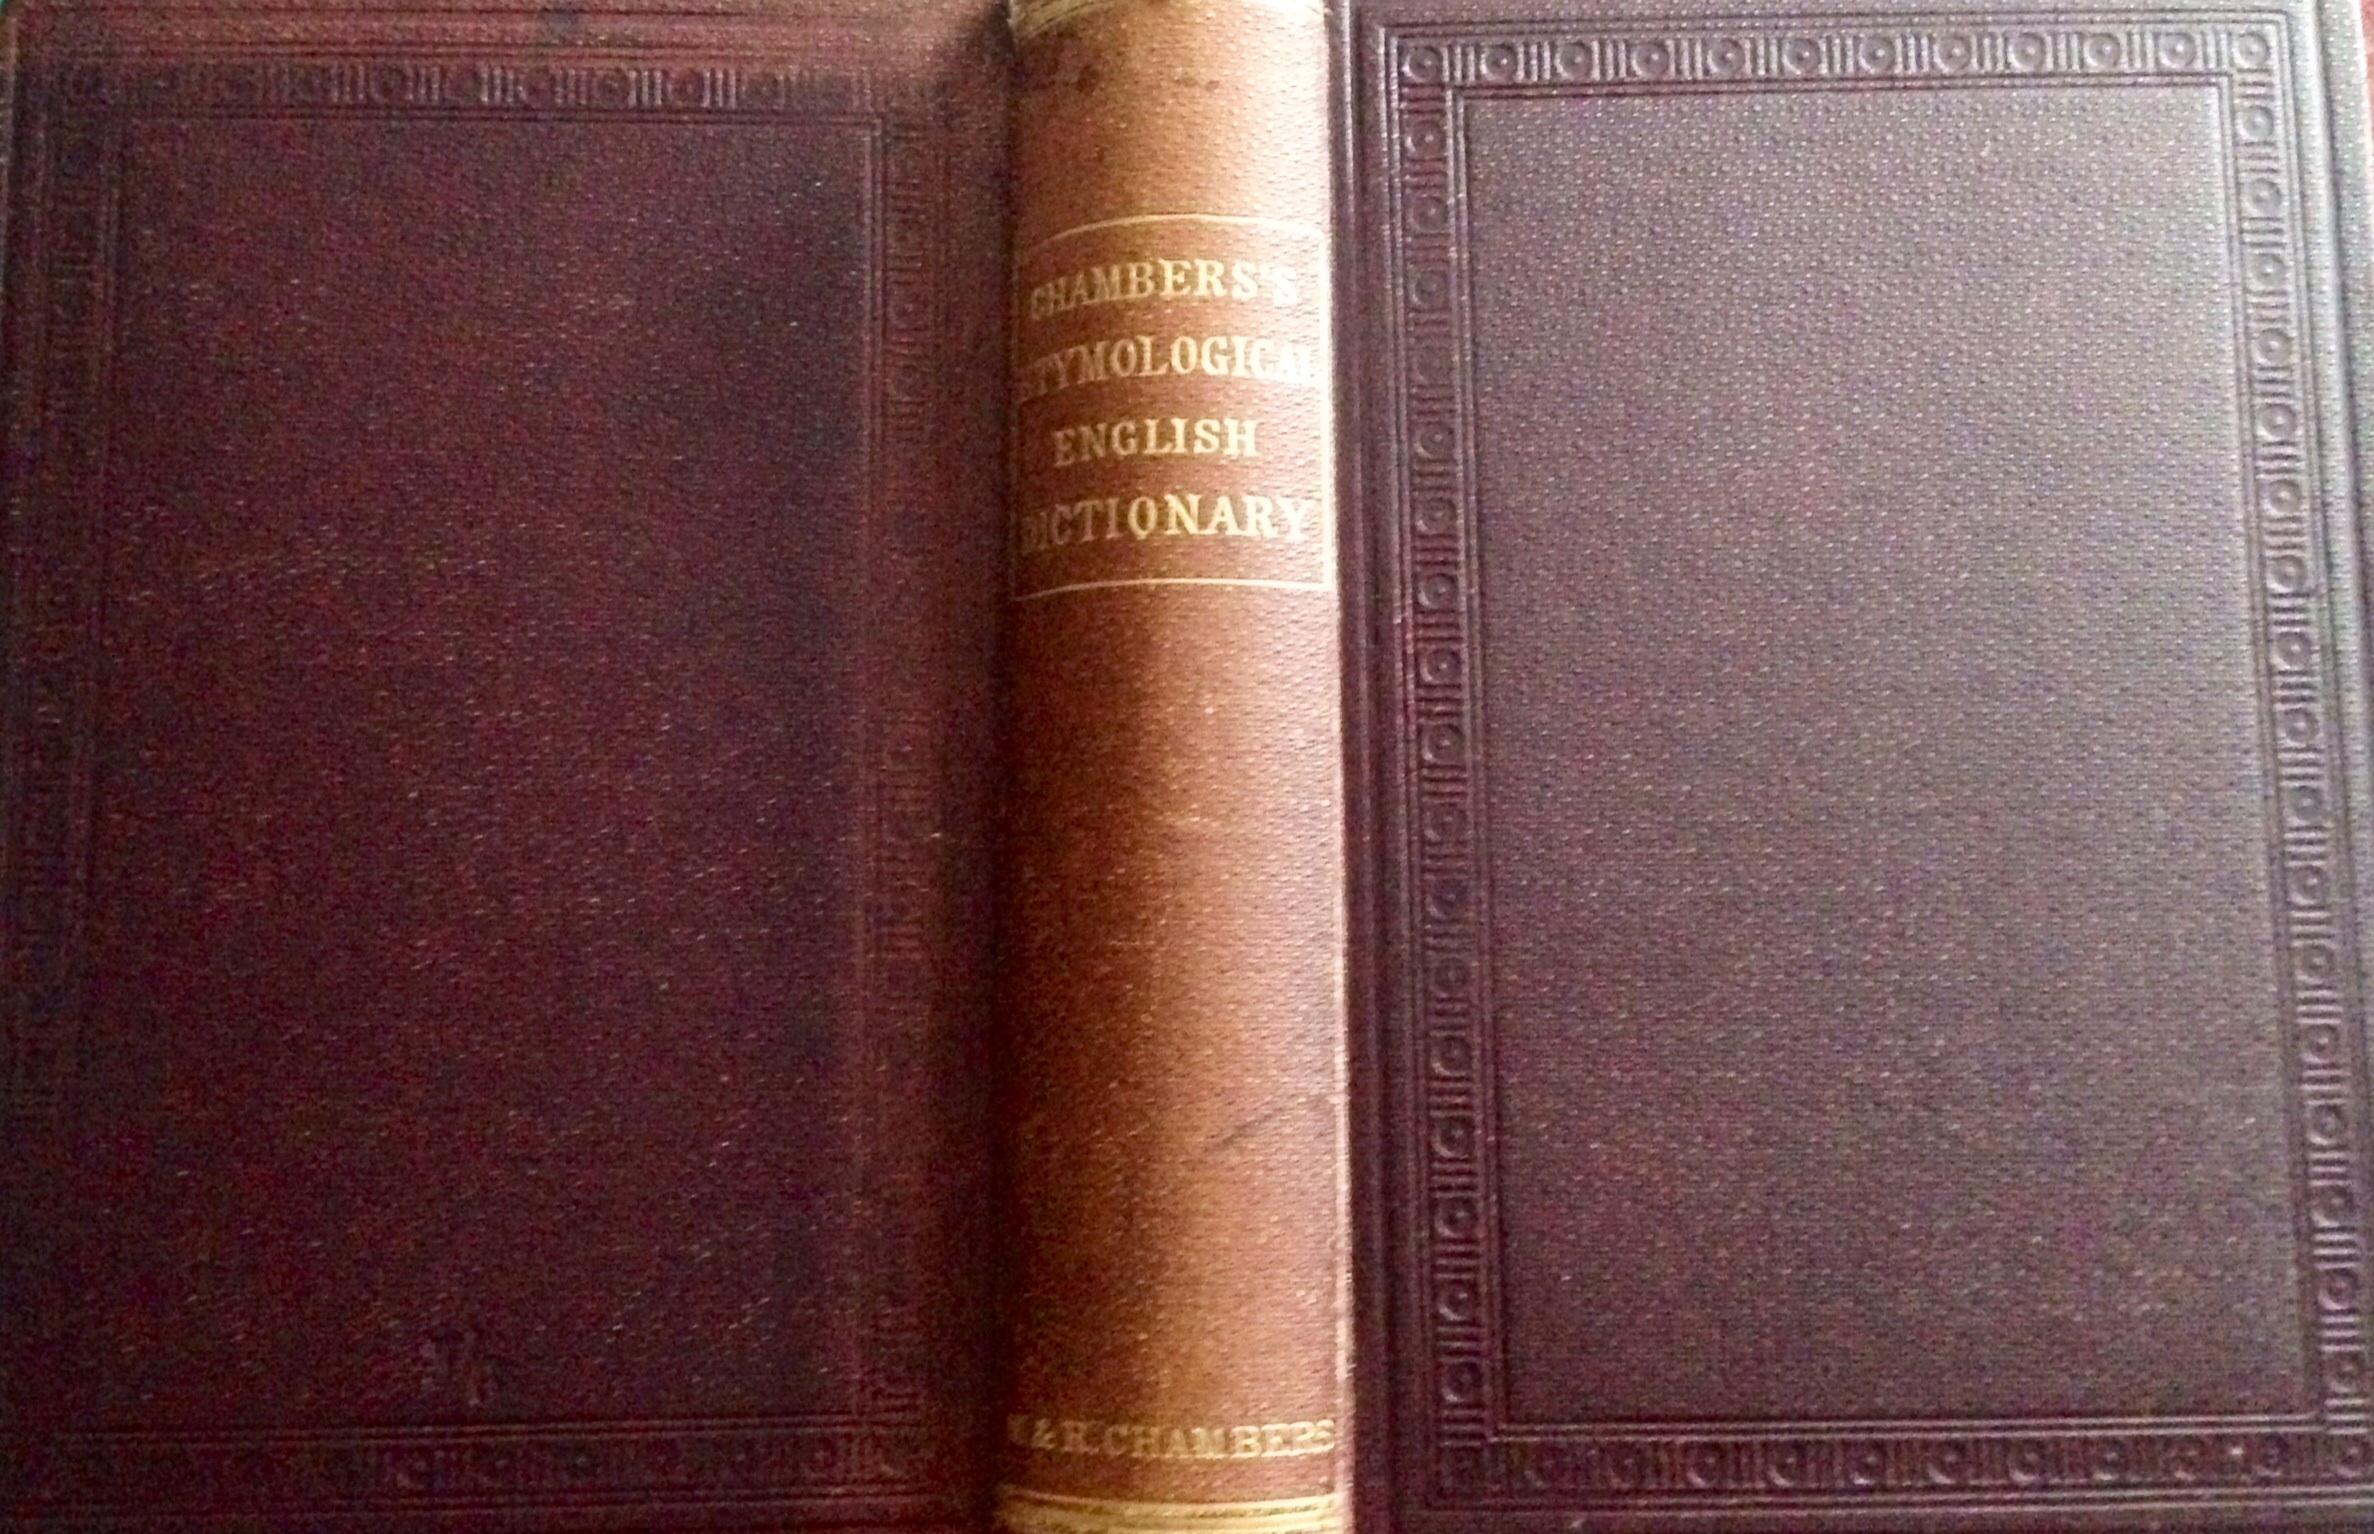 Chambers's Etymologi...